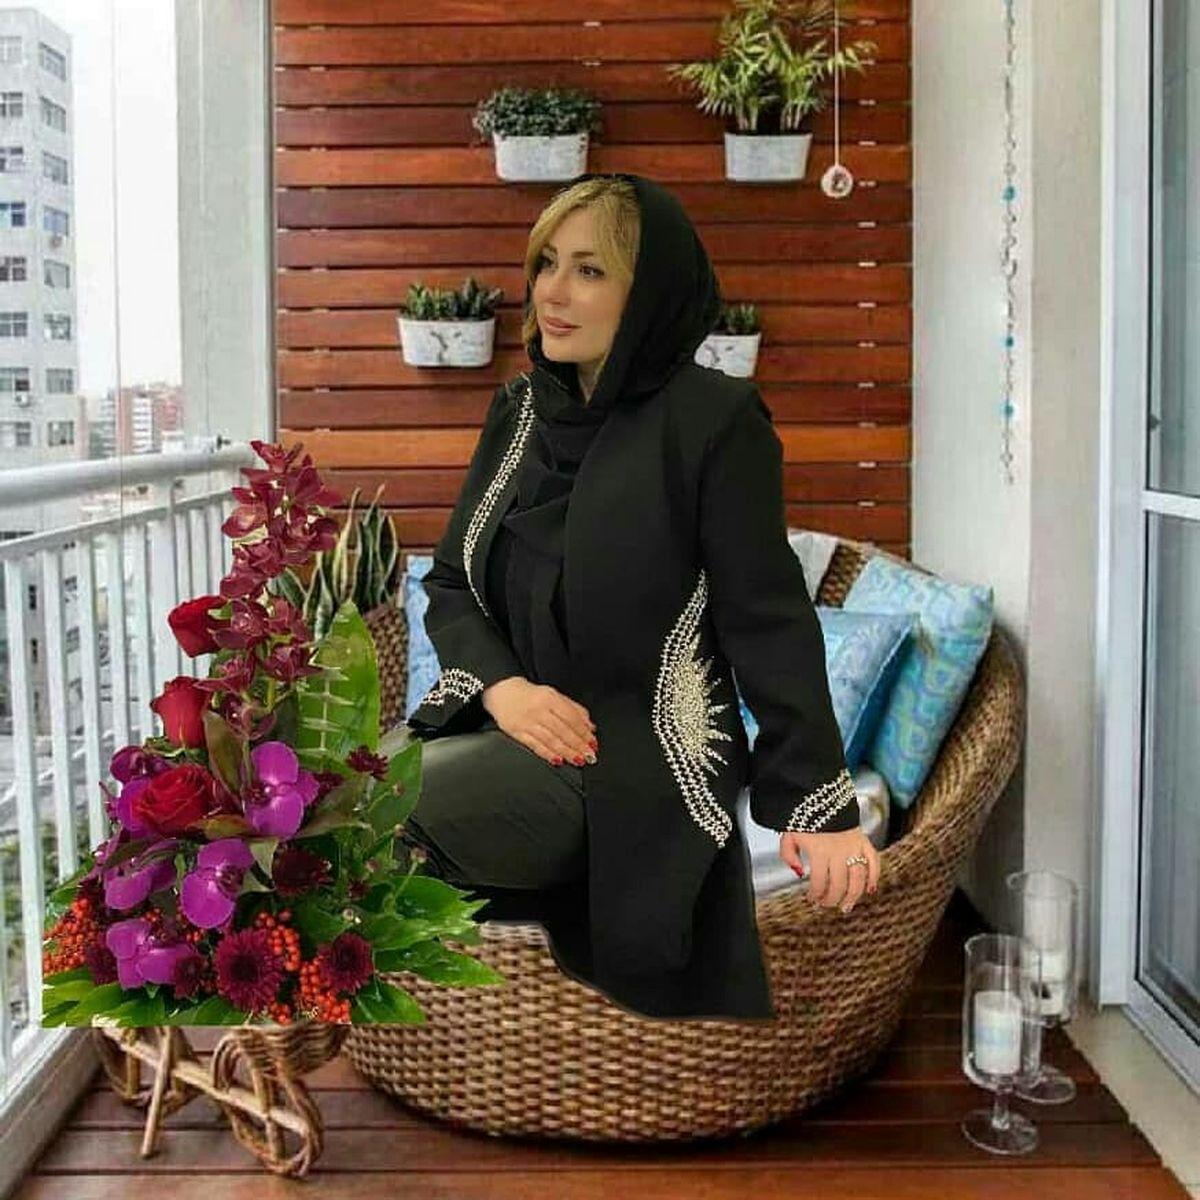 نیوشا ضیغمی در بالکن خانه ای لوکس +عکس